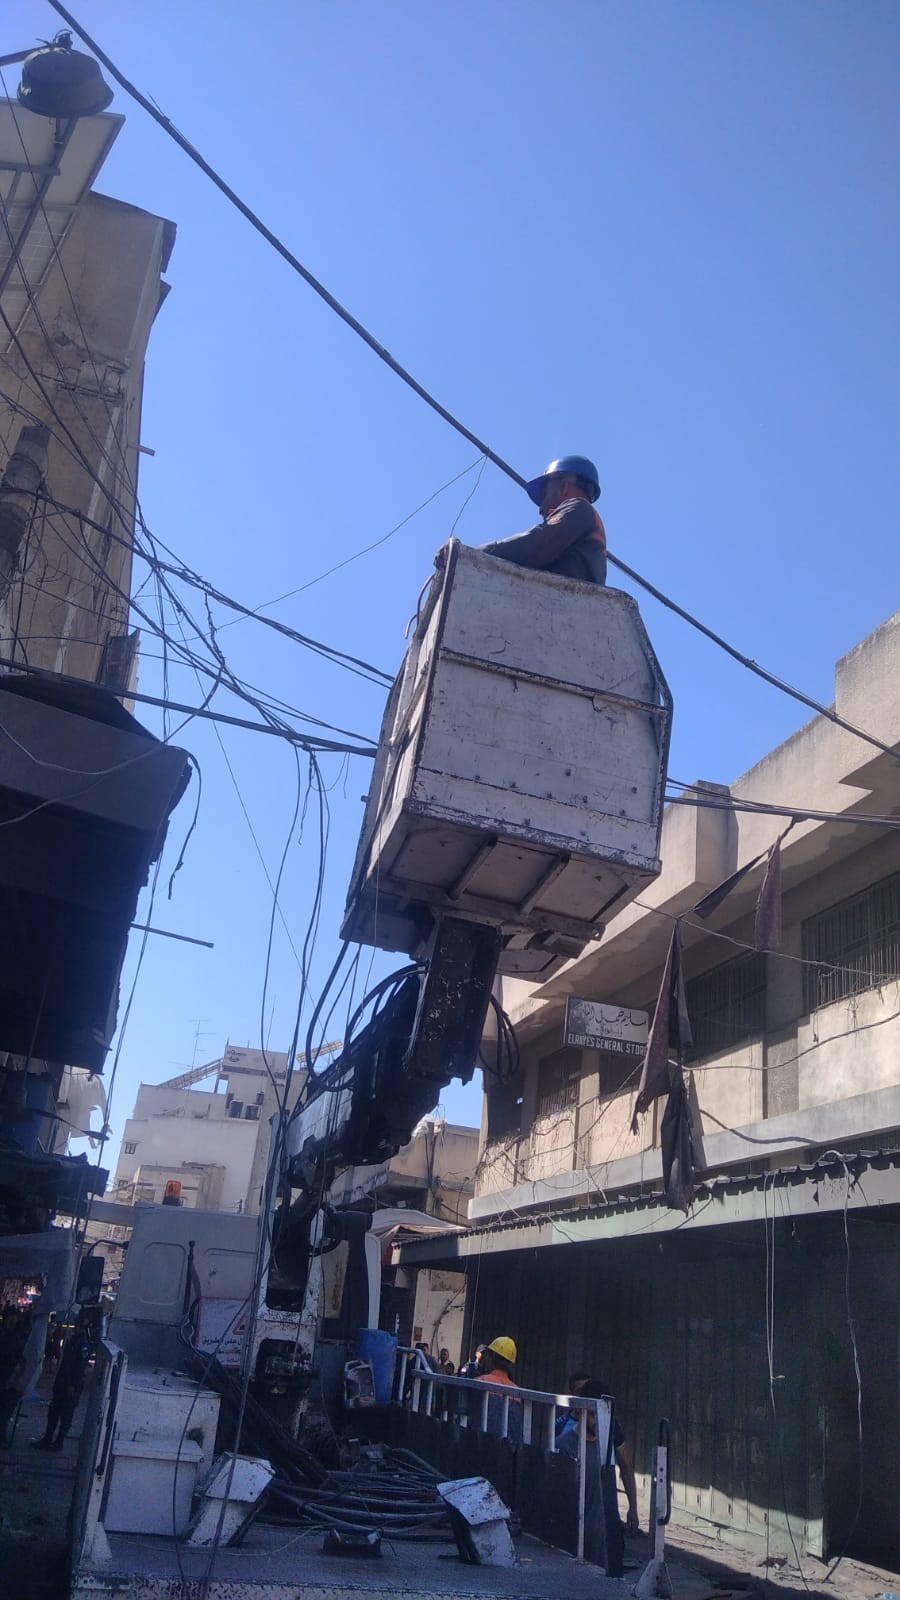 بالصور: كهرباء غزة تُعيد التيار لمشتركين متضررين من حادثة الانفجار